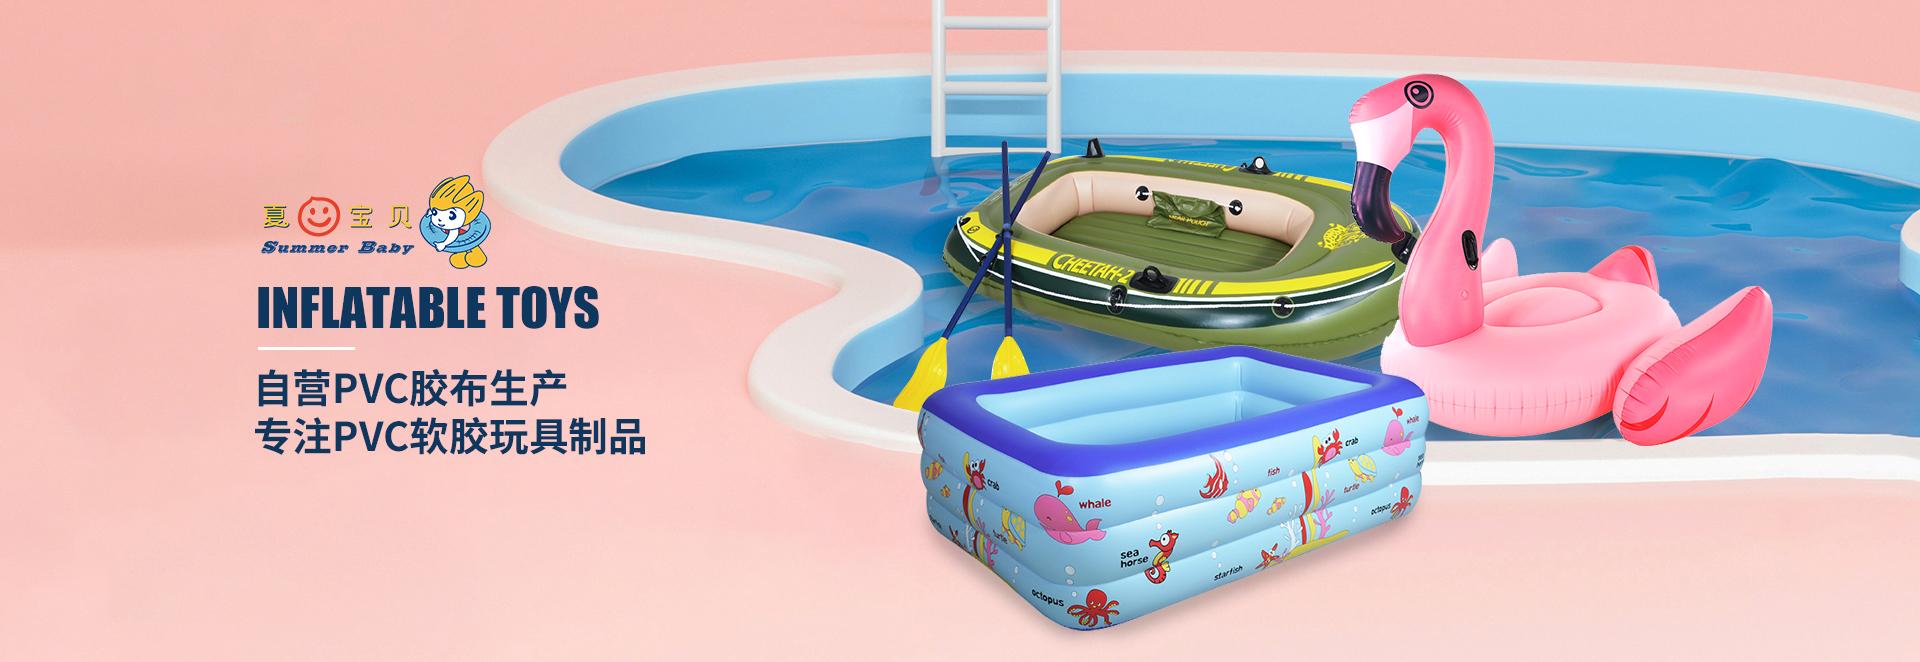 充气床,充气浴缸,充气水池